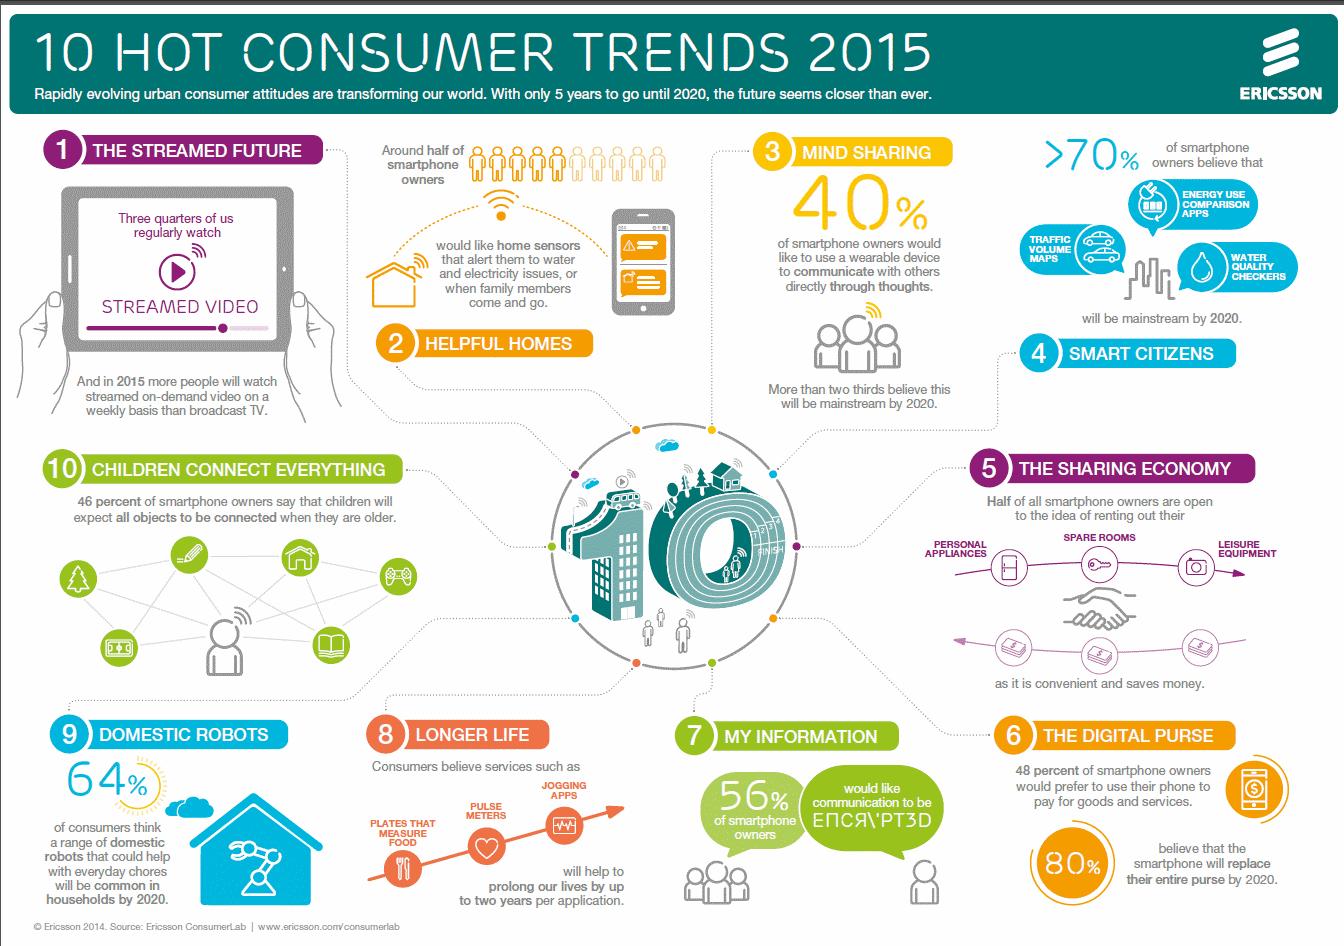 Top 10 tendințe de consum pentru 2015 identificate de Ericsson